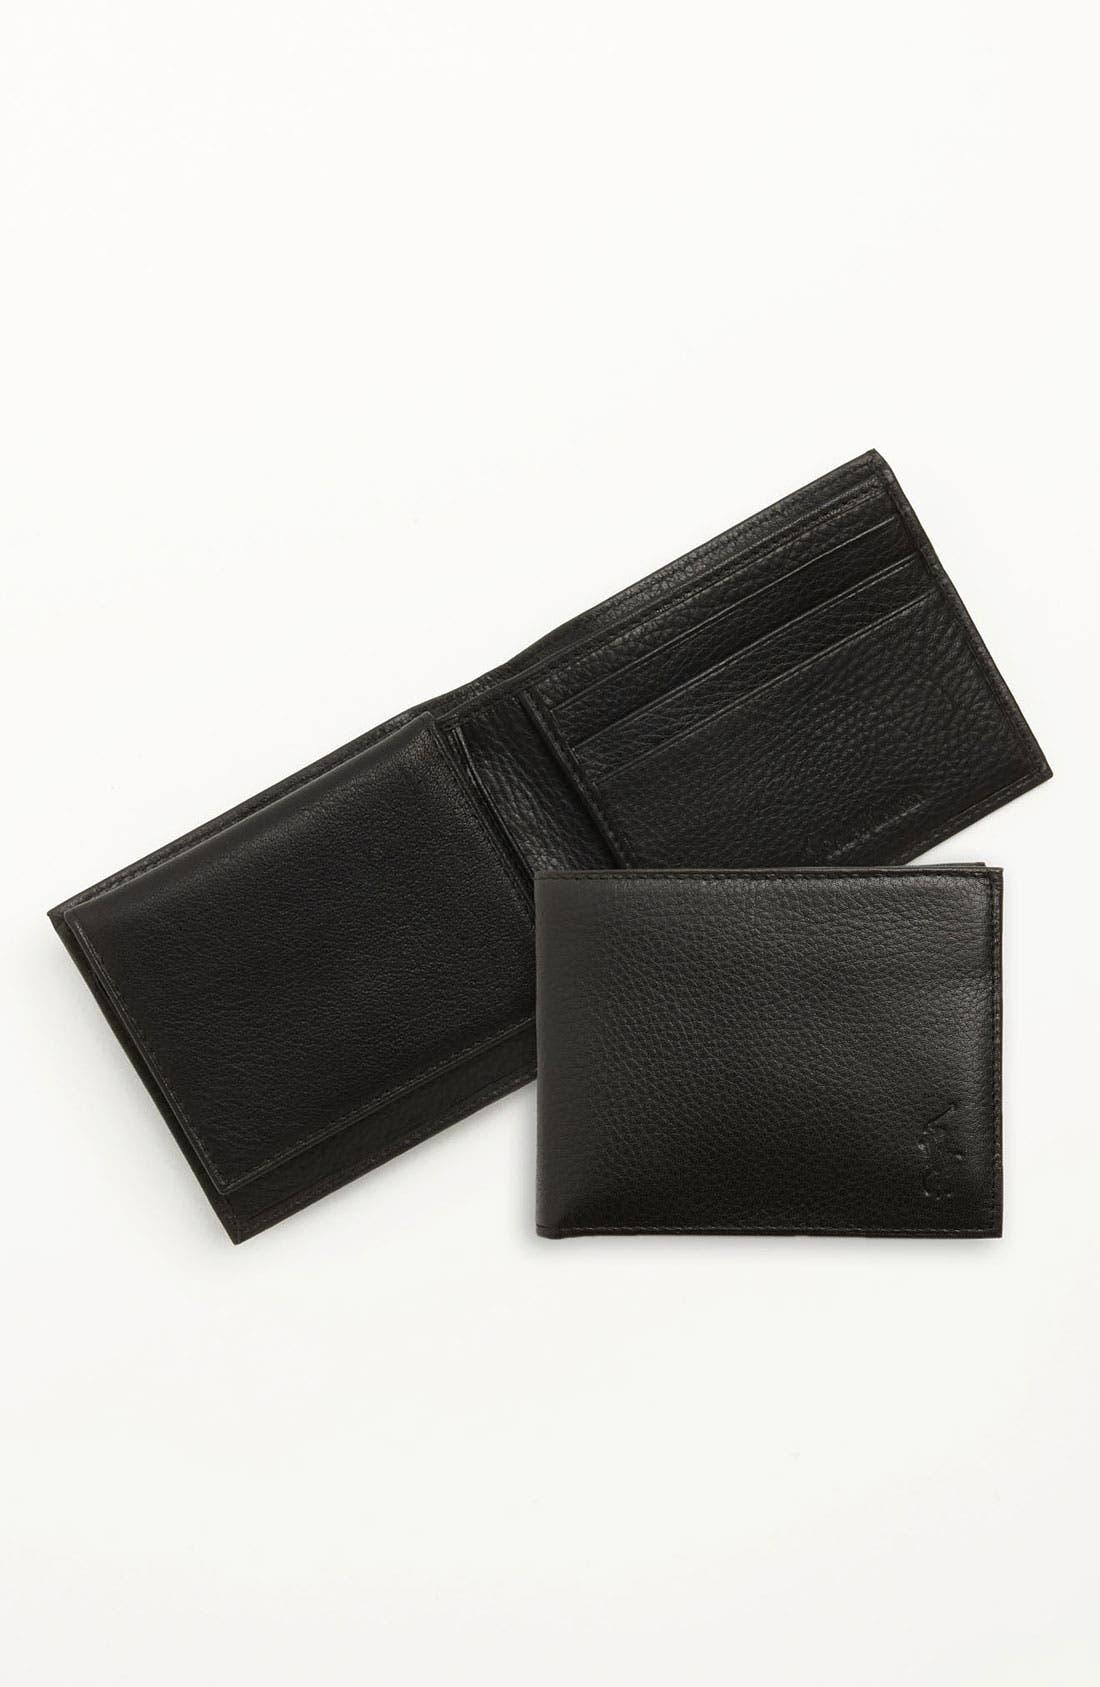 POLO RALPH LAUREN, Leather Passcase Wallet, Alternate thumbnail 5, color, BLACK